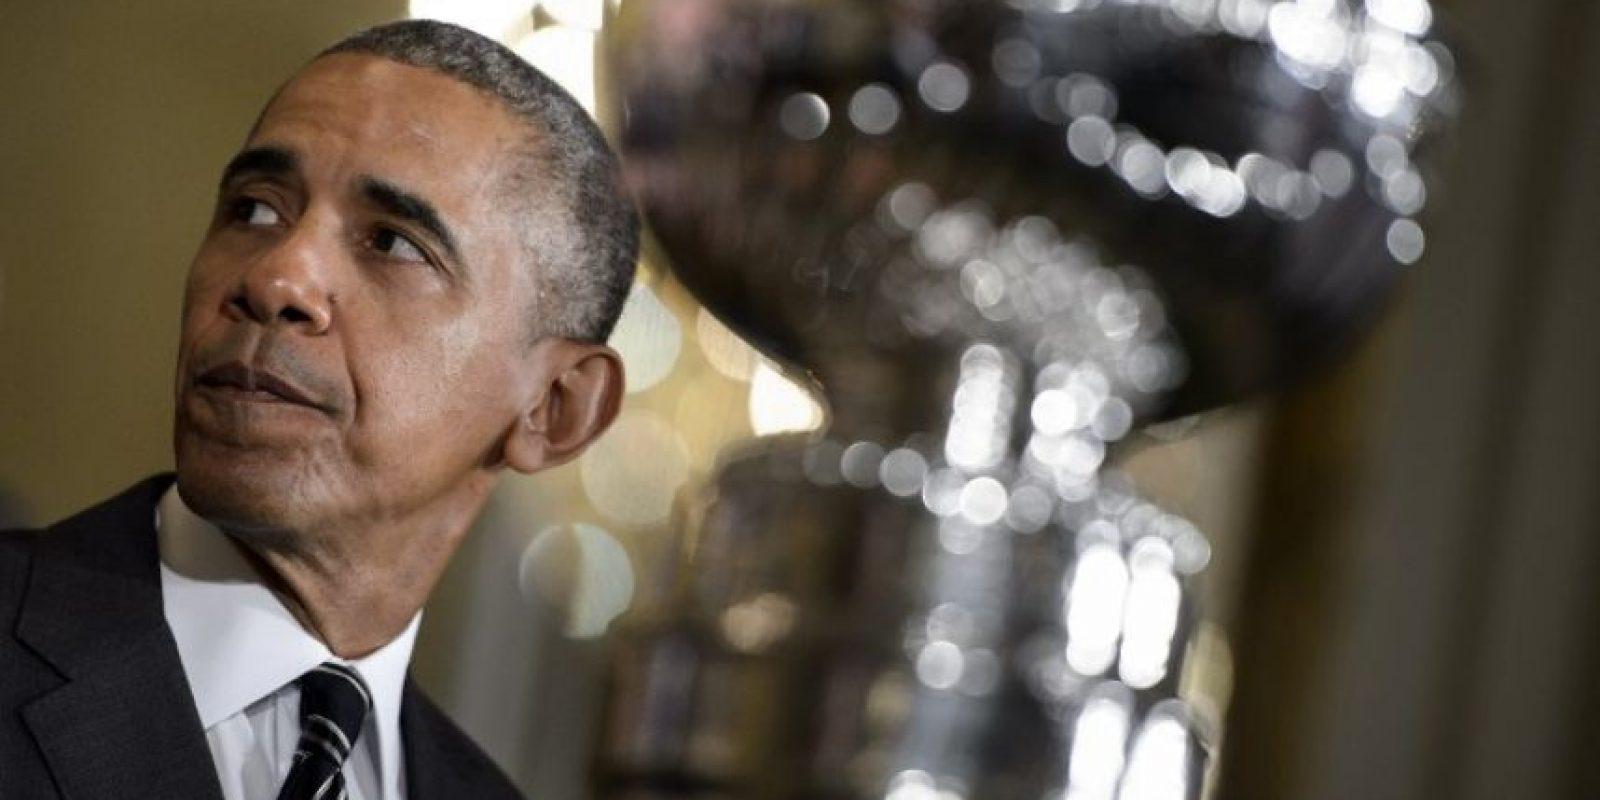 El presidente Barack Obama hace un gesto durante una reunión. Foto:AFP